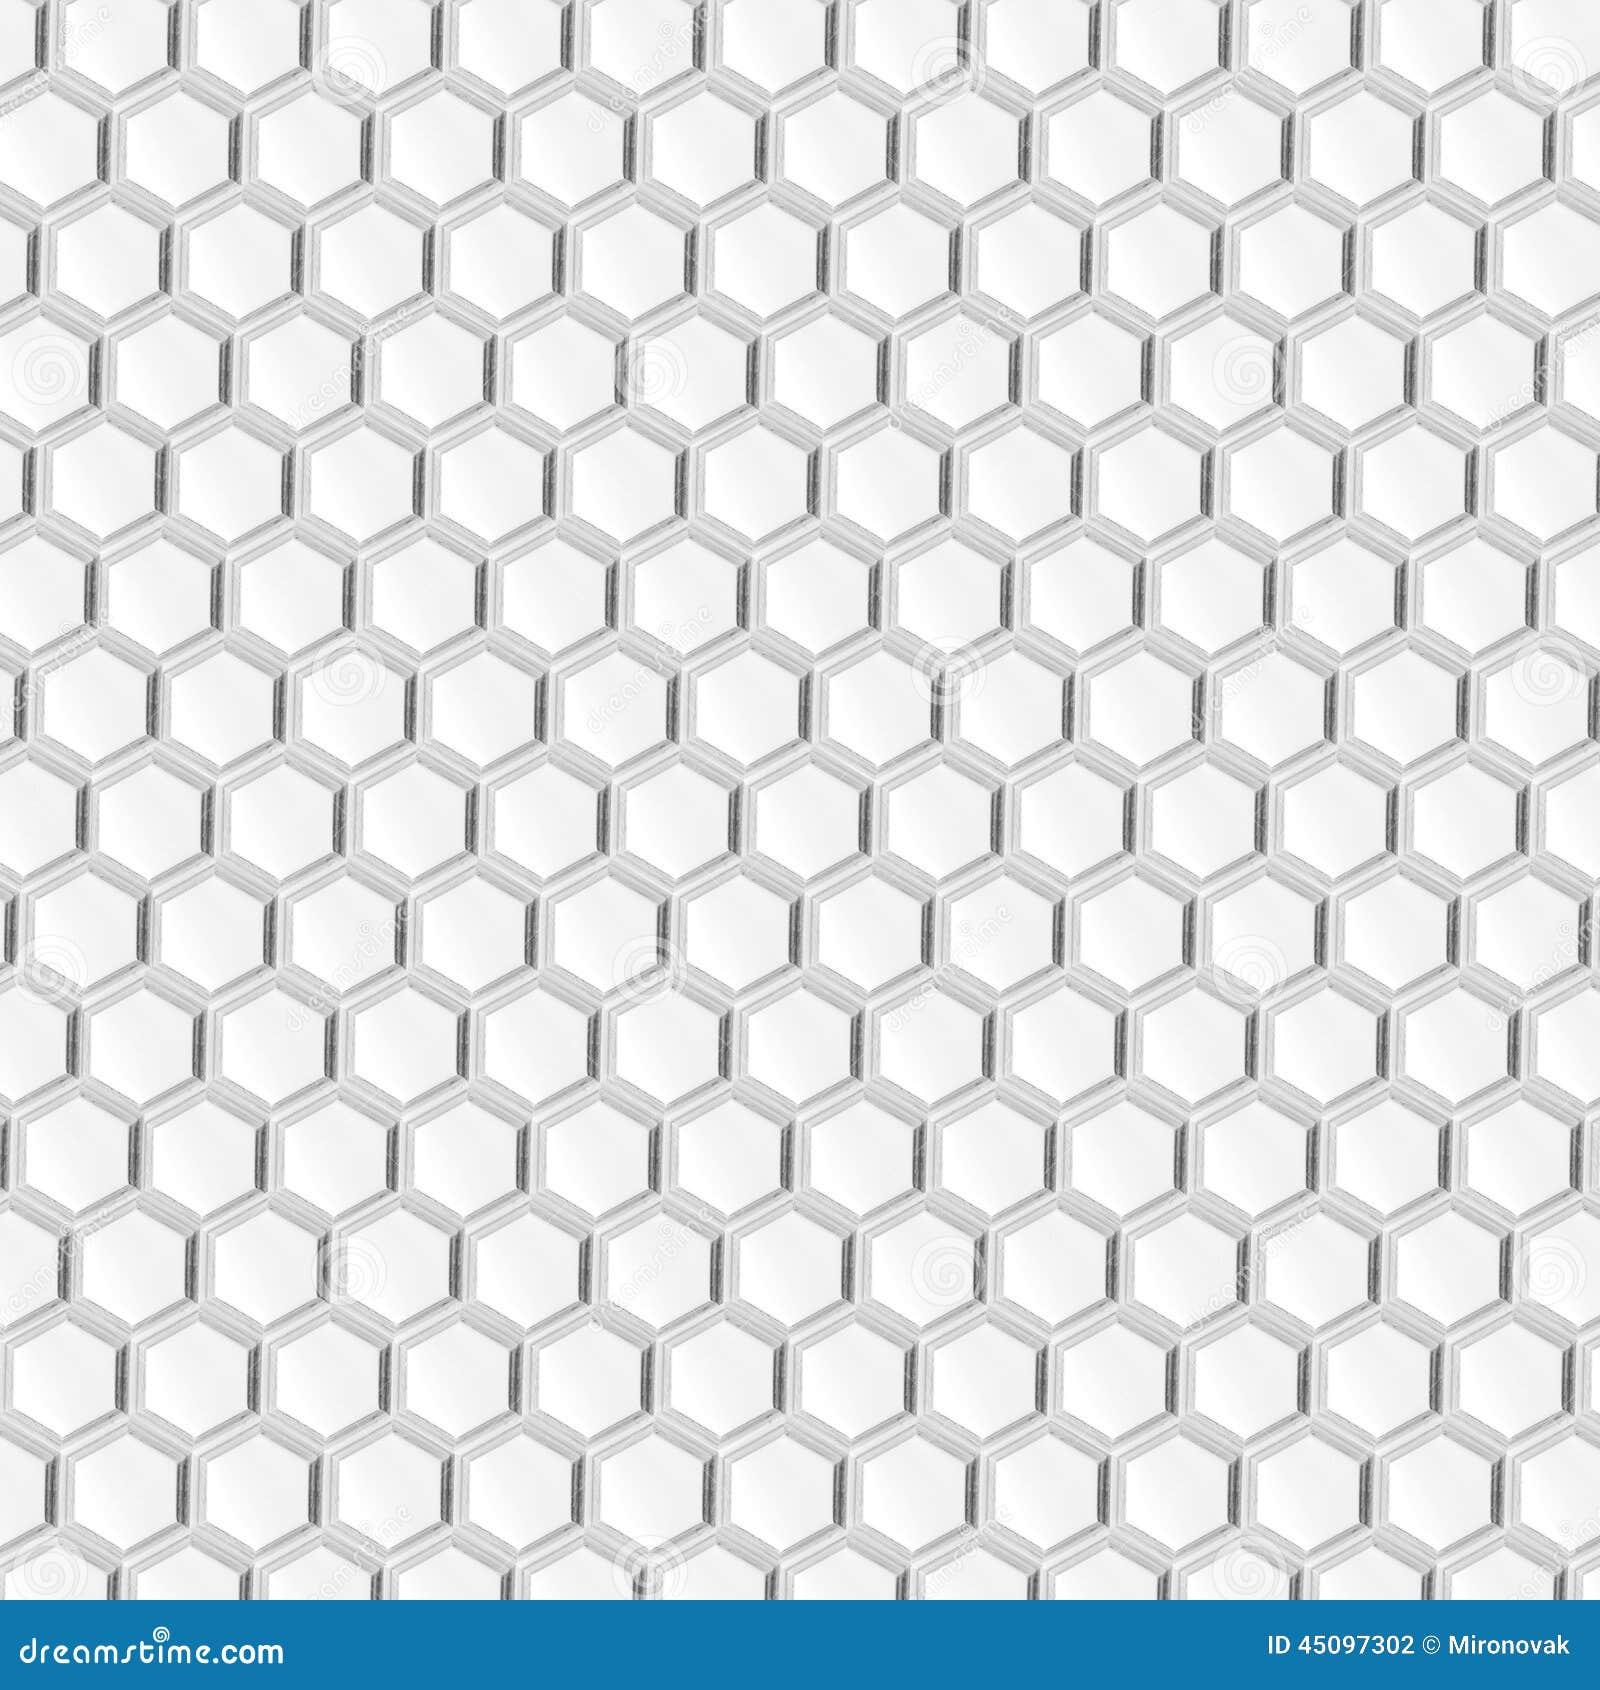 honeycomb background stock illustration illustration of